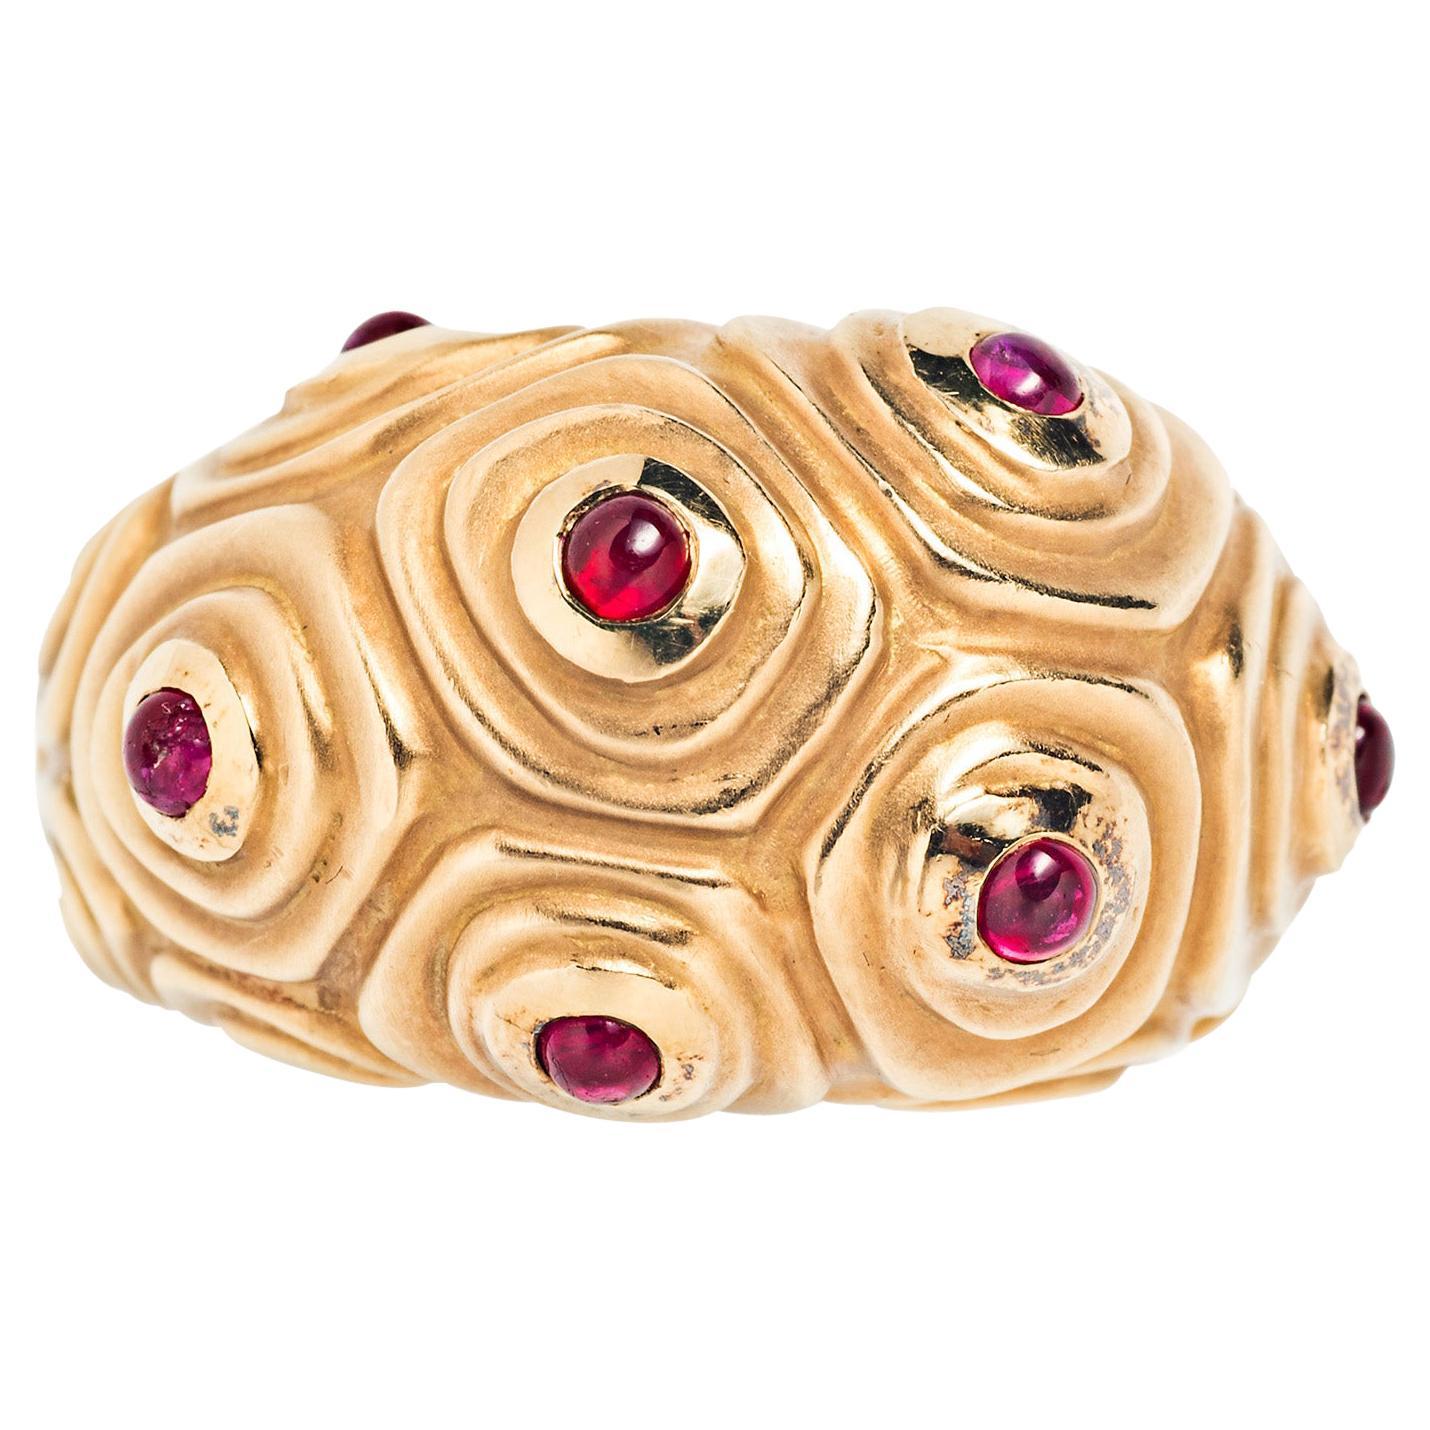 Angela Cummings 18 Karat Gold and Ruby Ring